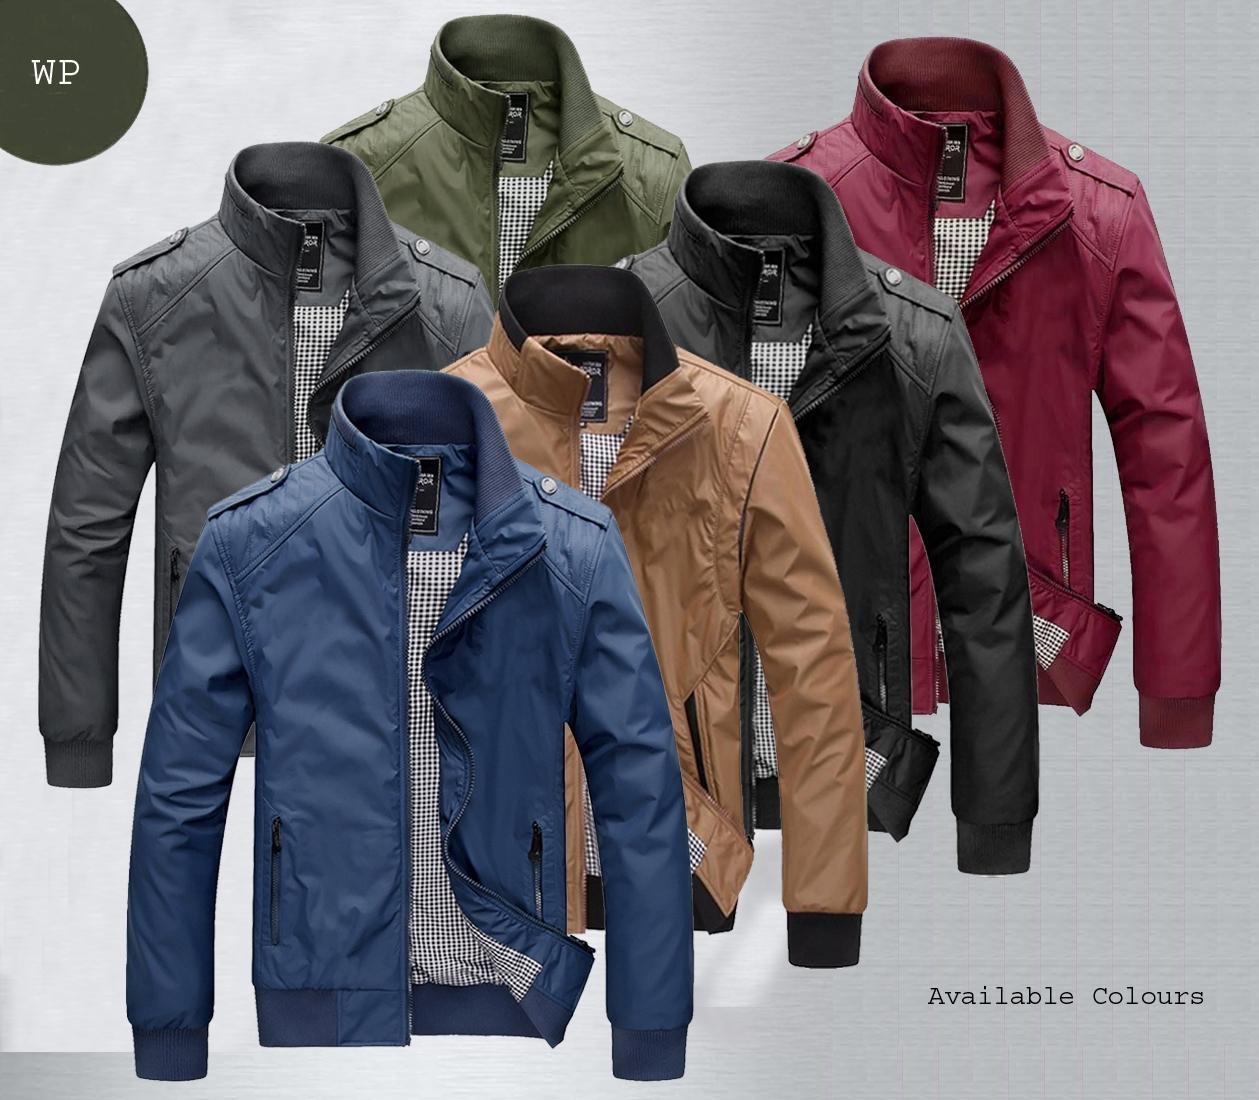 Jaket Wp Merah Marun Bahan Waterproof Anti Air Tersedia 6 Warna Pilihan